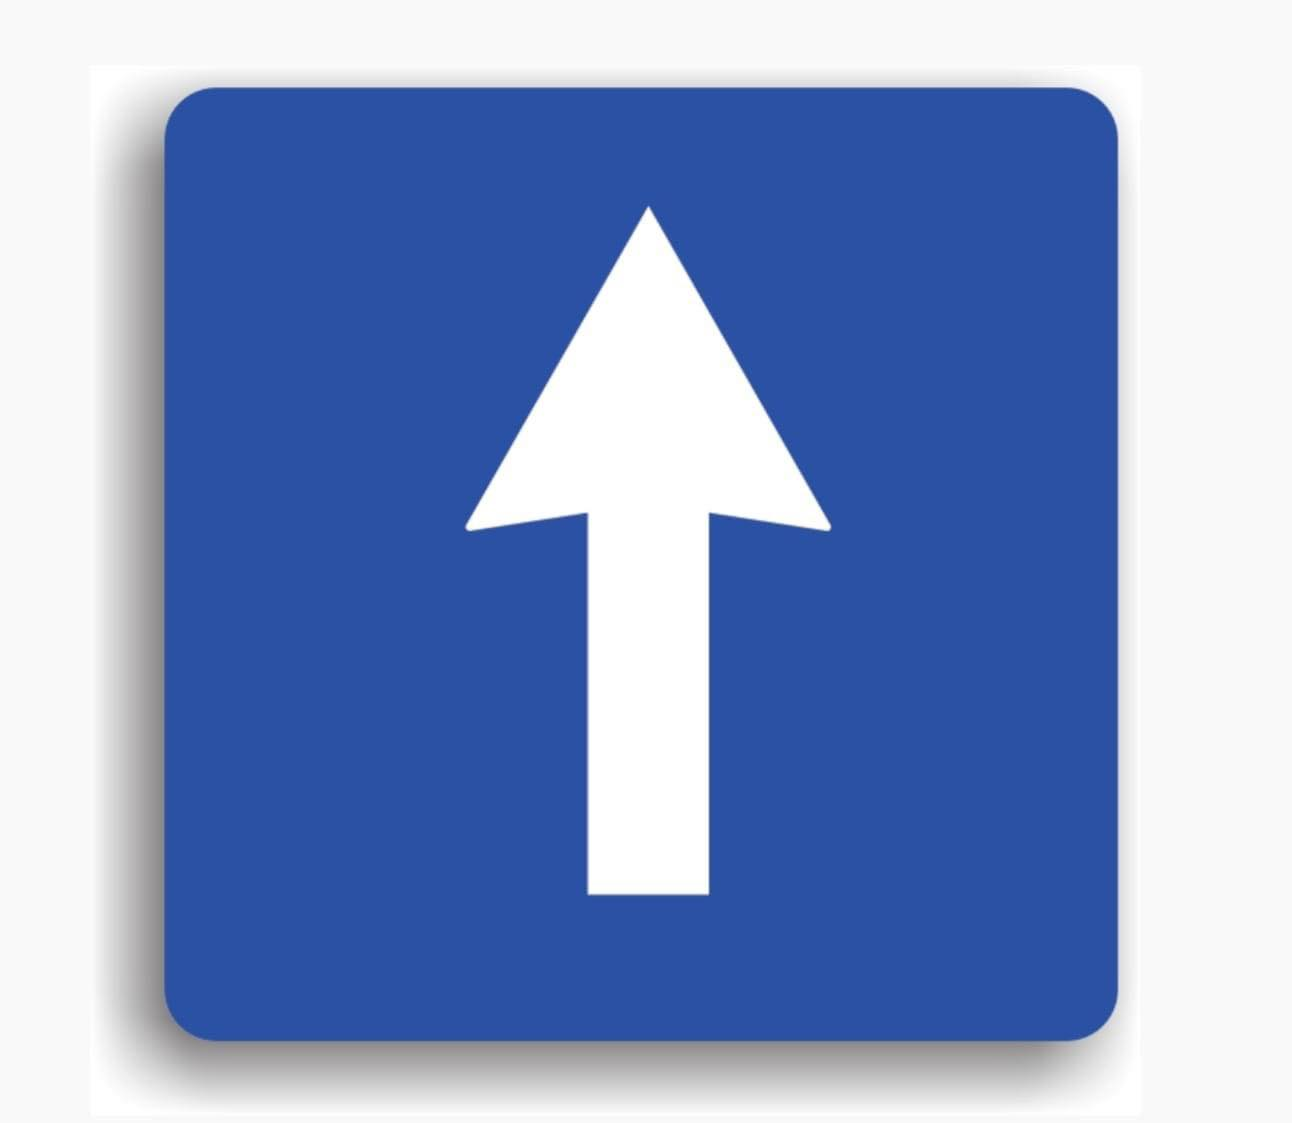 Noi sensuri unice pe 22 de străzi secundare din Cartierele Chitila și Bucureștii Noi din Sectorul 1 al Capitalei